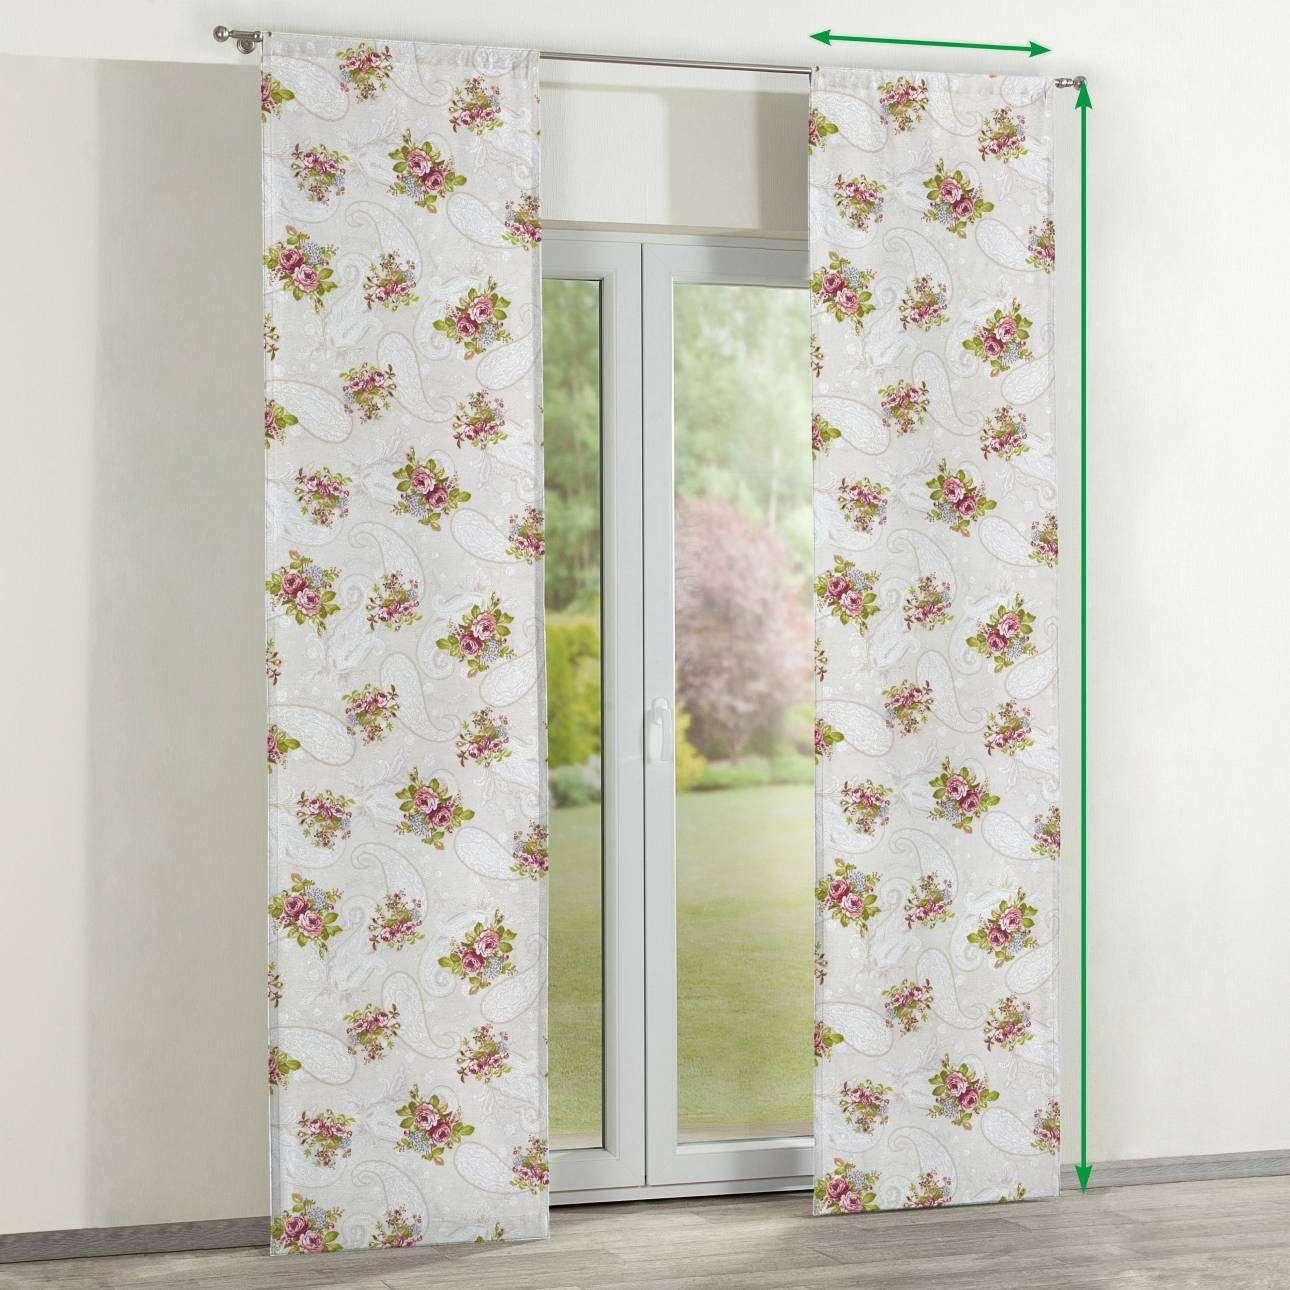 Zasłony panelowe 2 szt. w kolekcji Flowers, tkanina: 311-15